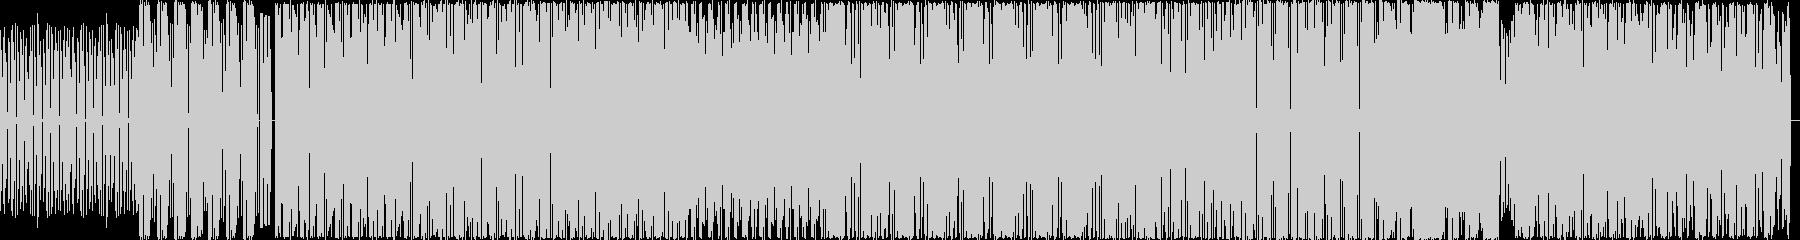 BGM用テクノハウスの未再生の波形